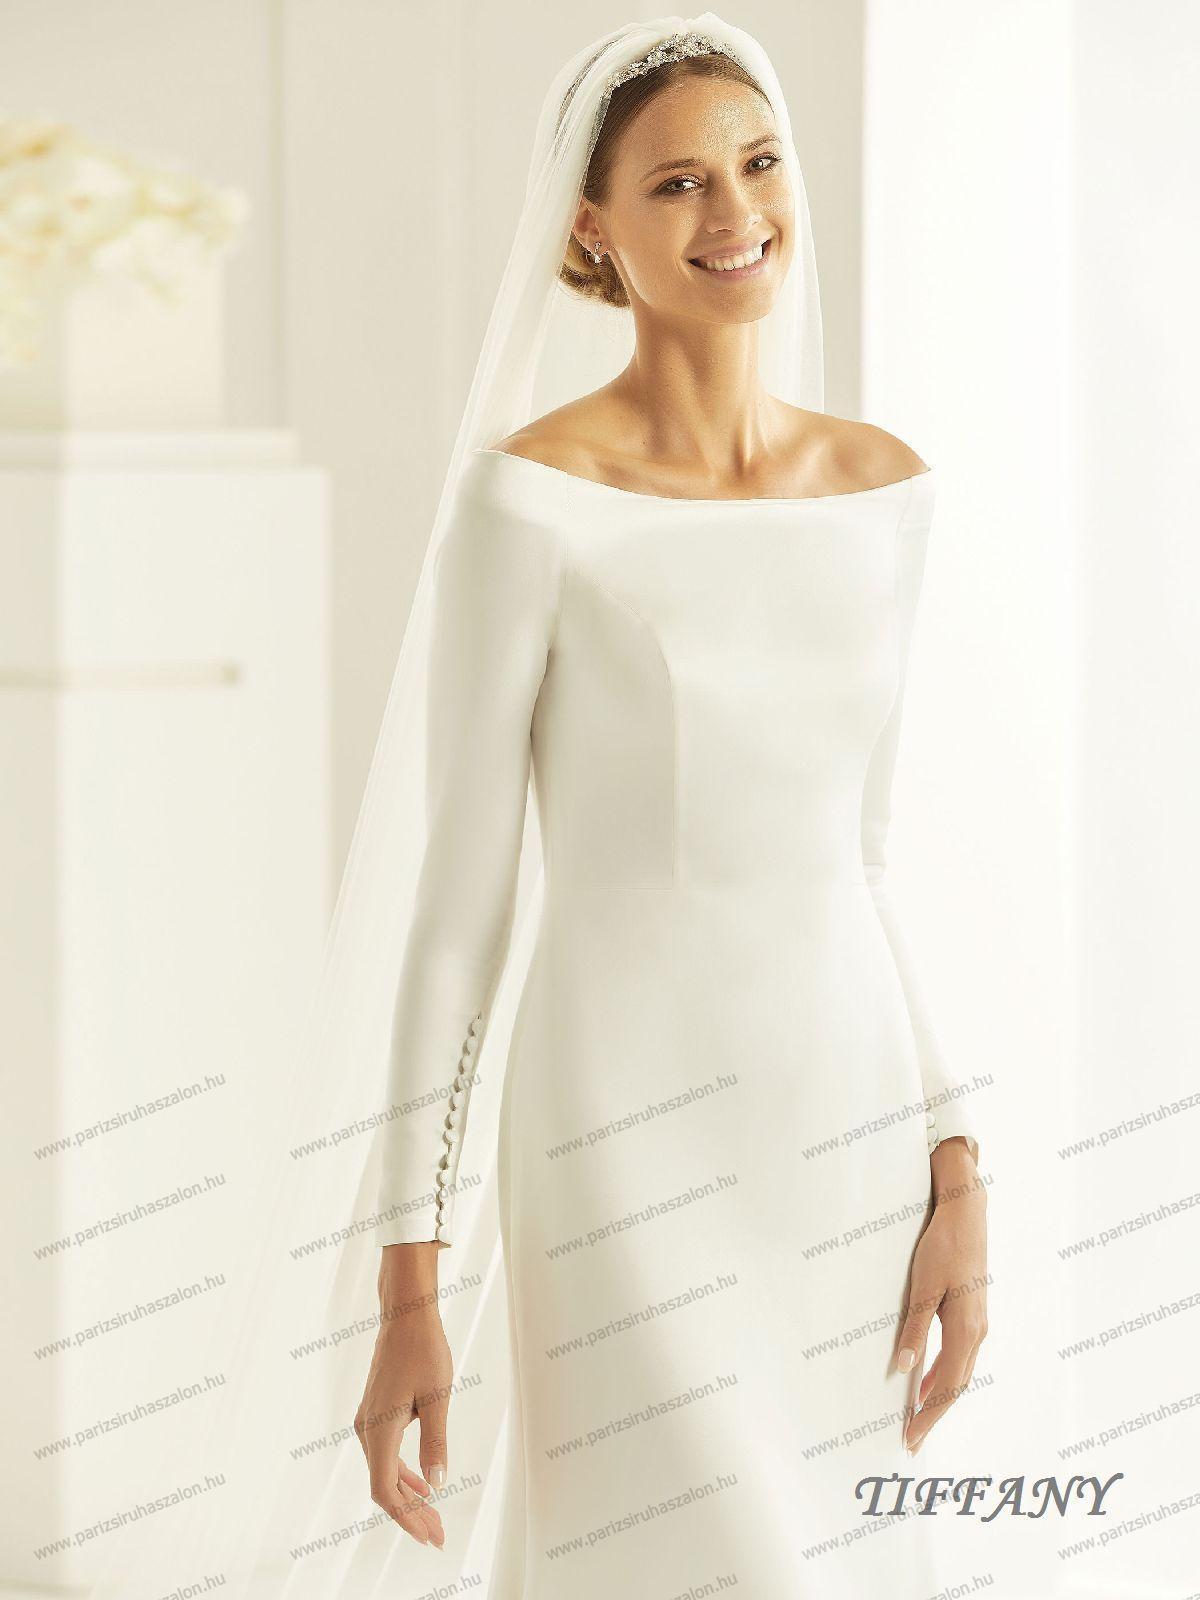 2ab0009faa TIFFANY menyasszonyi ruha | BIANCO EVENTO német hosszú, és rövid menyasszonyi  ruhák. (cikkszám: TIFFANY menyasszonyi ruha)